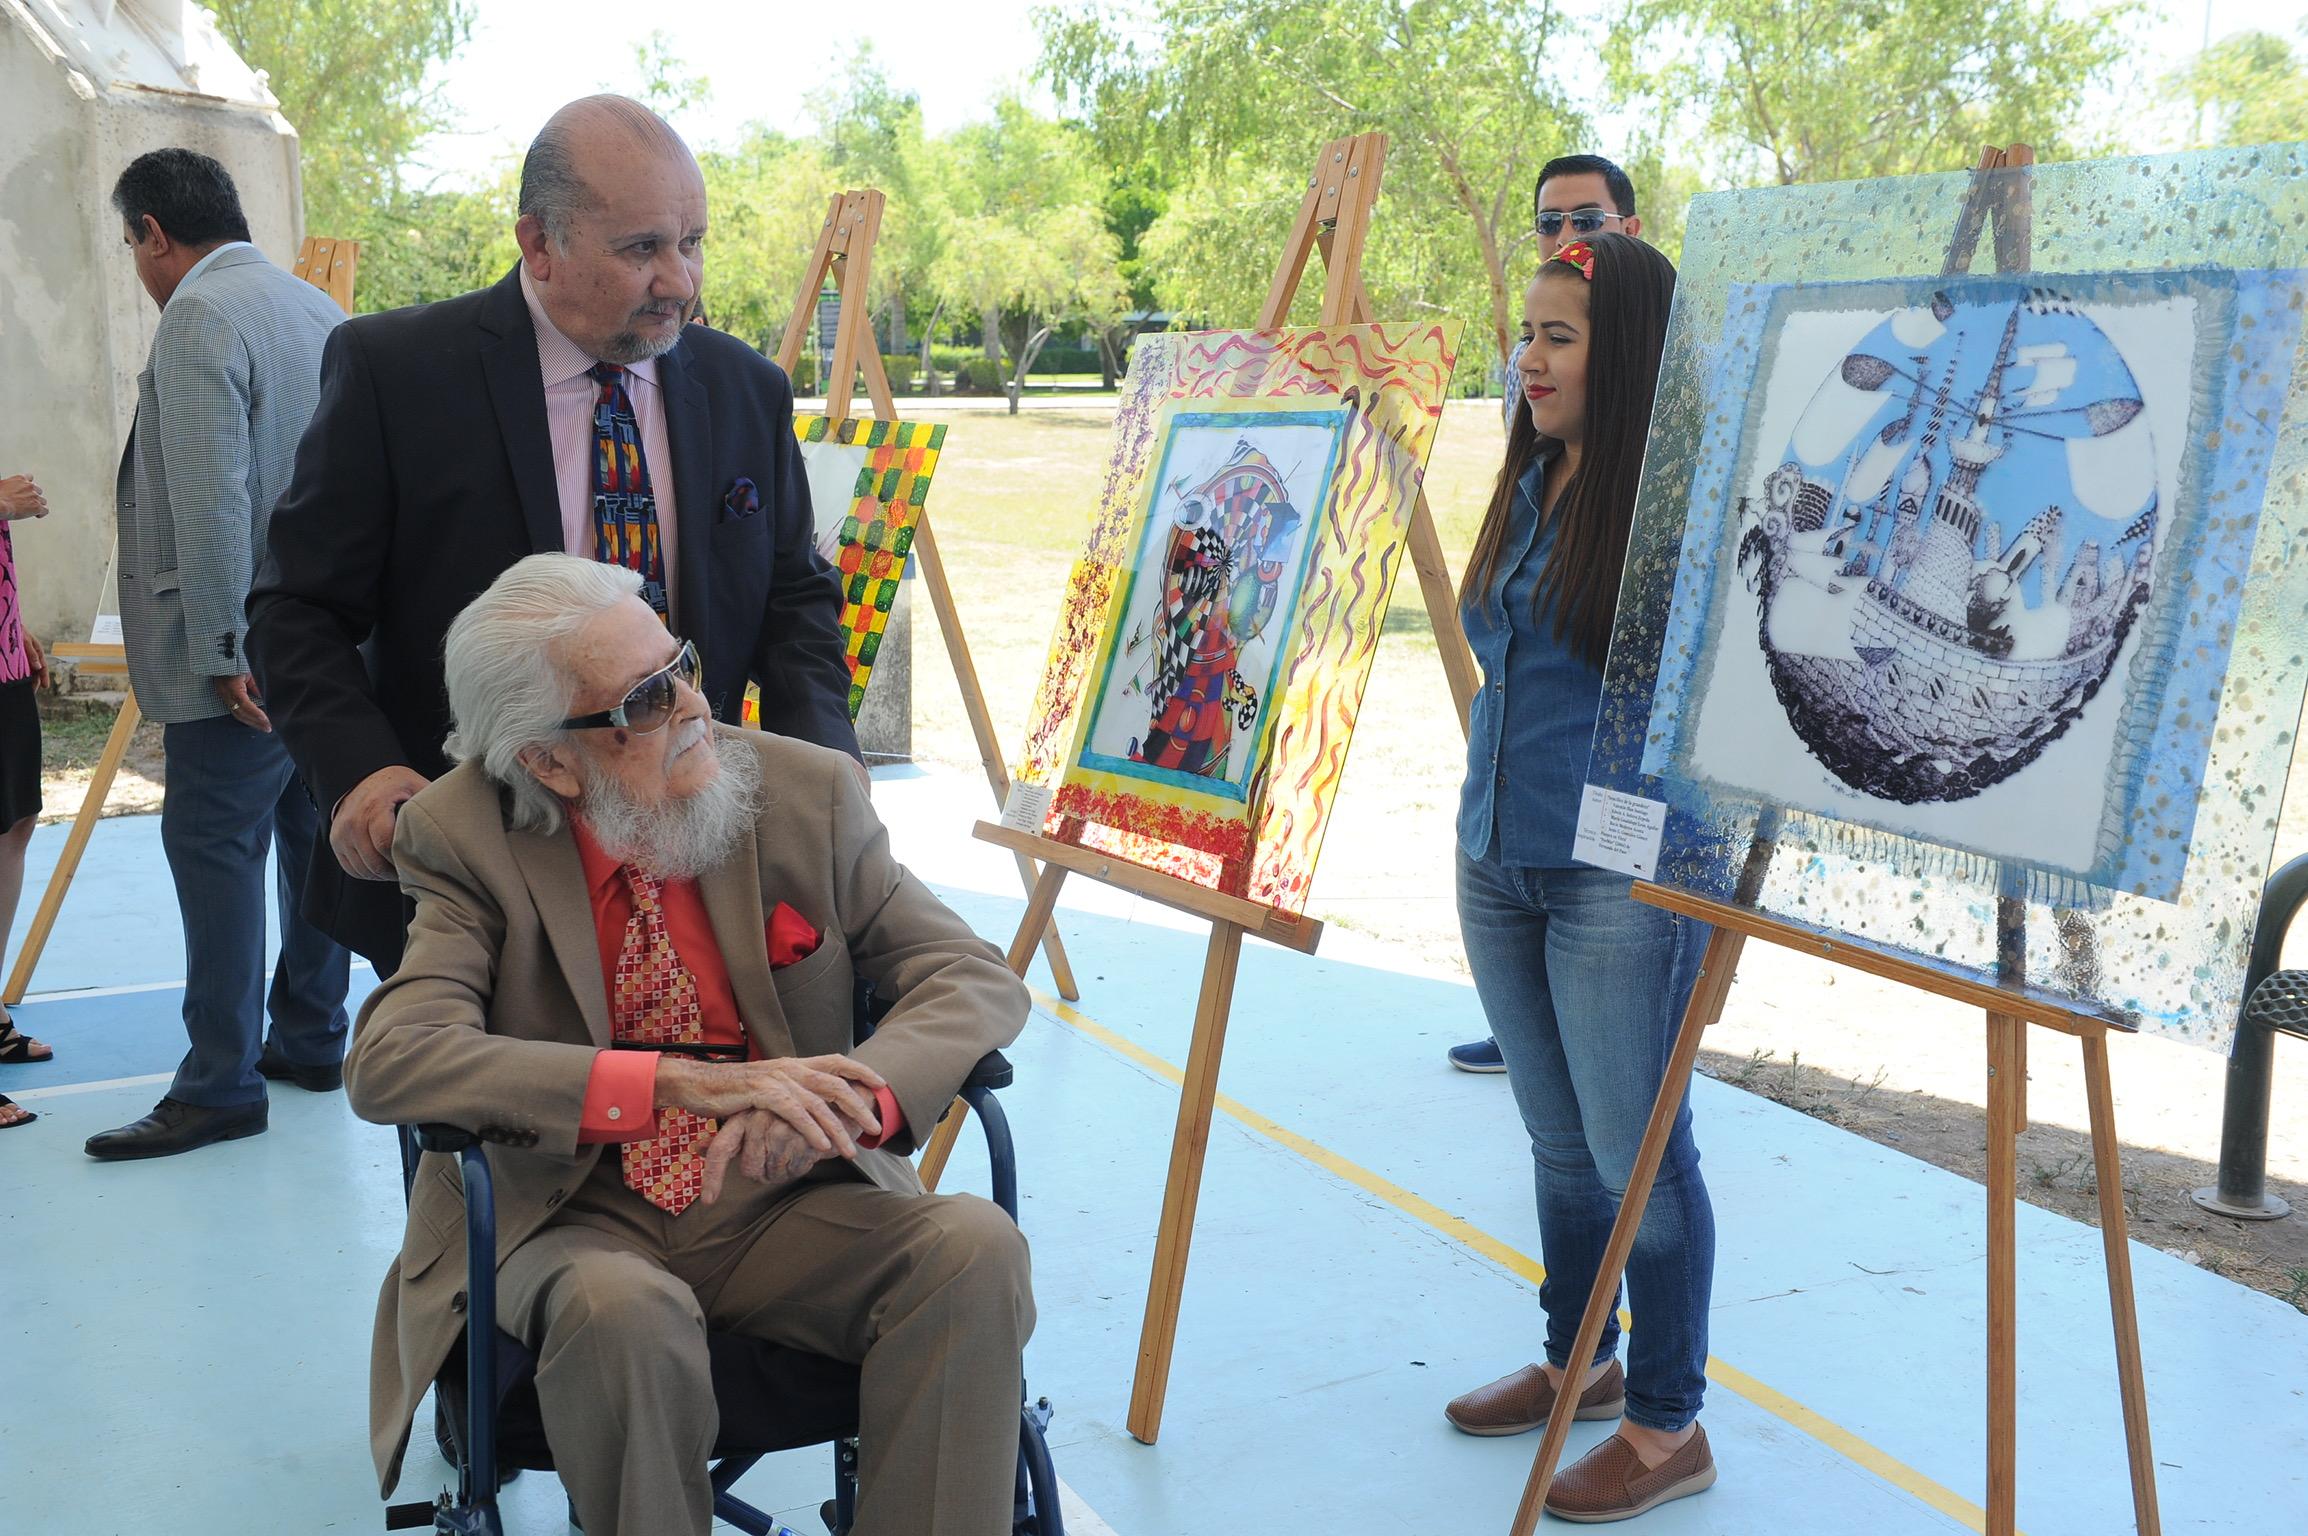 Fernando del Paso, escritor, dibujante, pintor, diplomático, académico mexicano y Doctor Honoris Causa por la Universidad de Guadalajara, recorriendo la exposición artística, en el Centro Universitario de los Valles (CUValles).